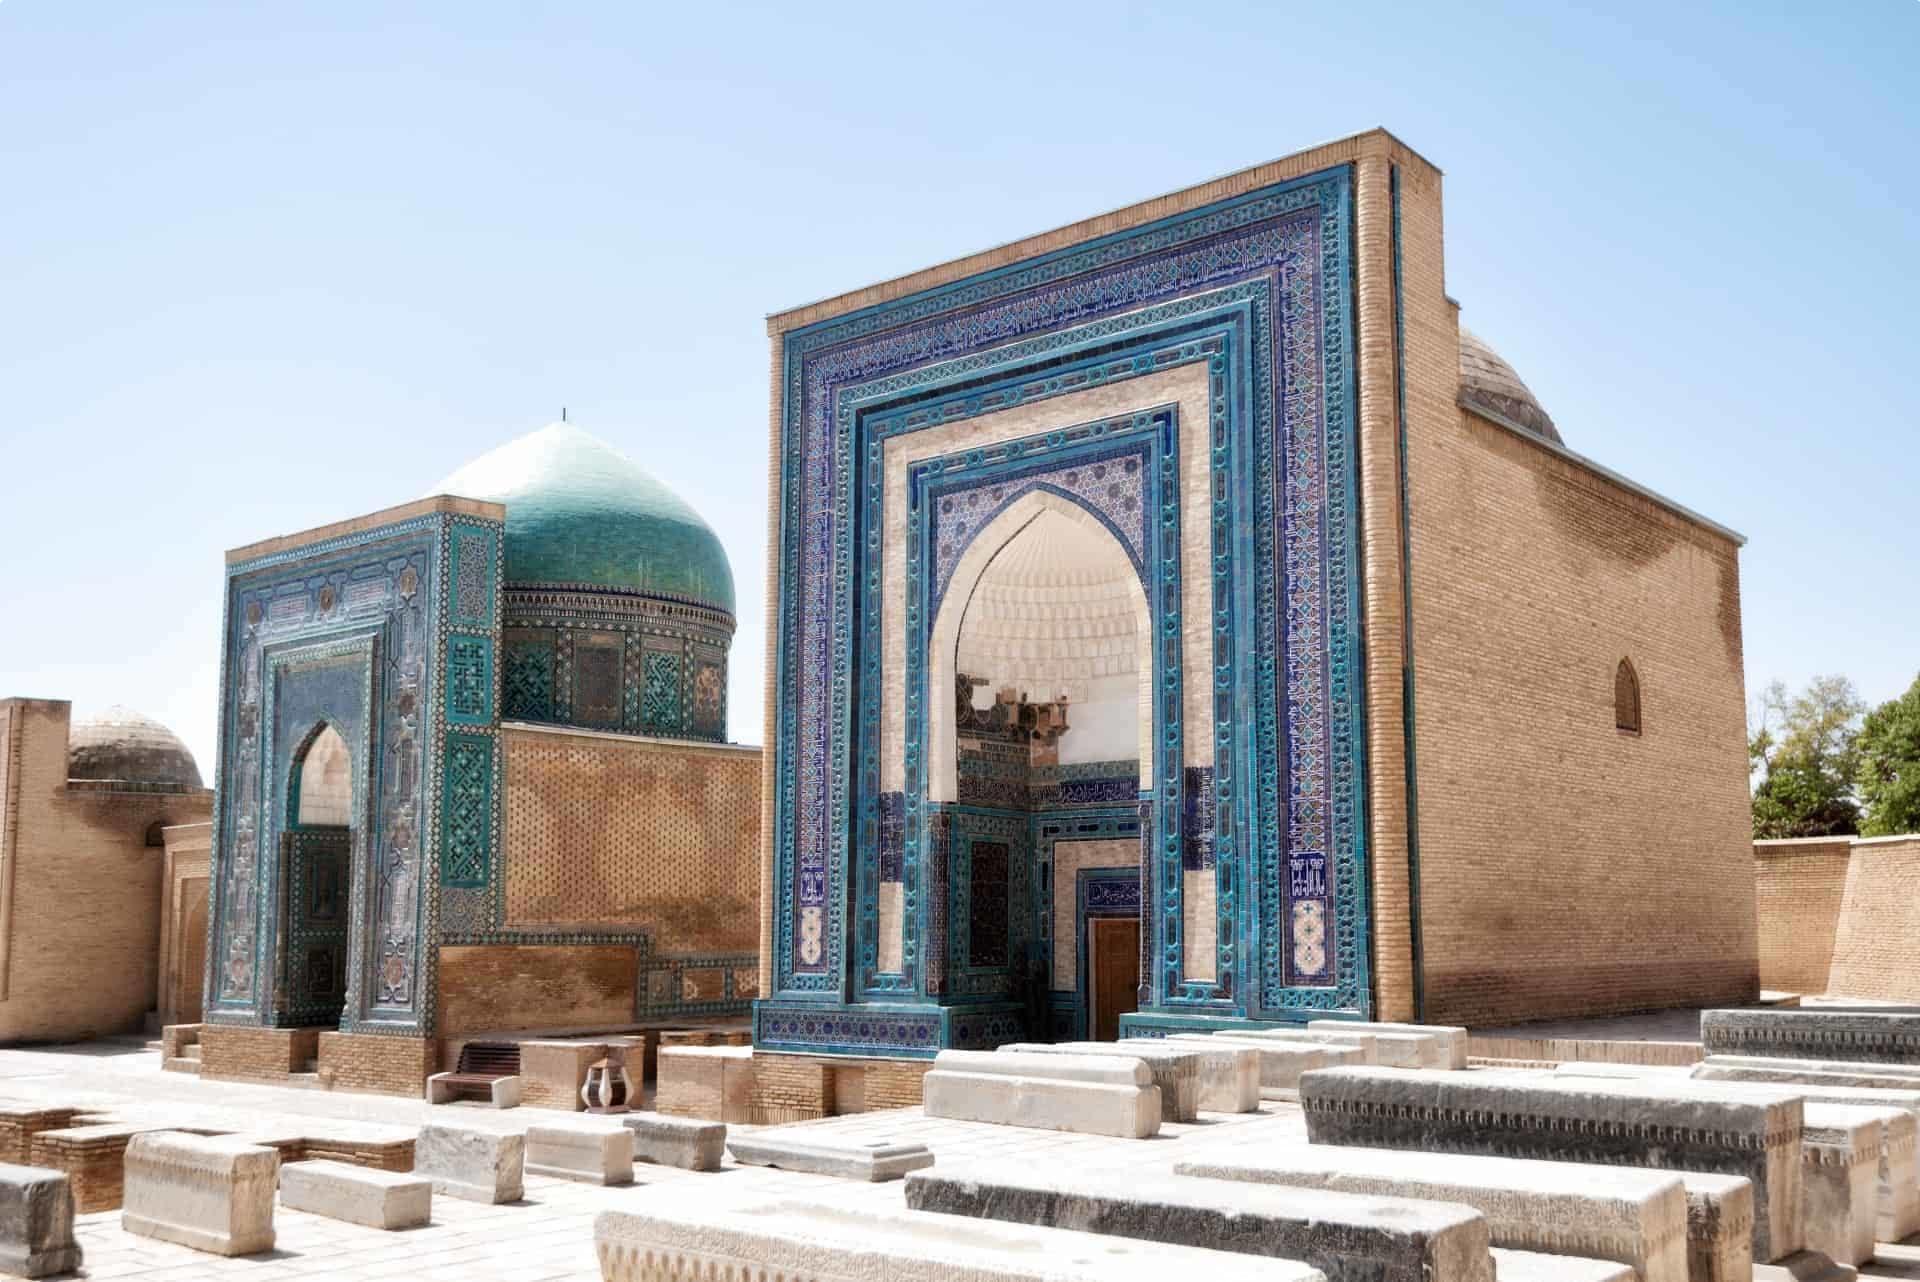 The Shah-i-zinda